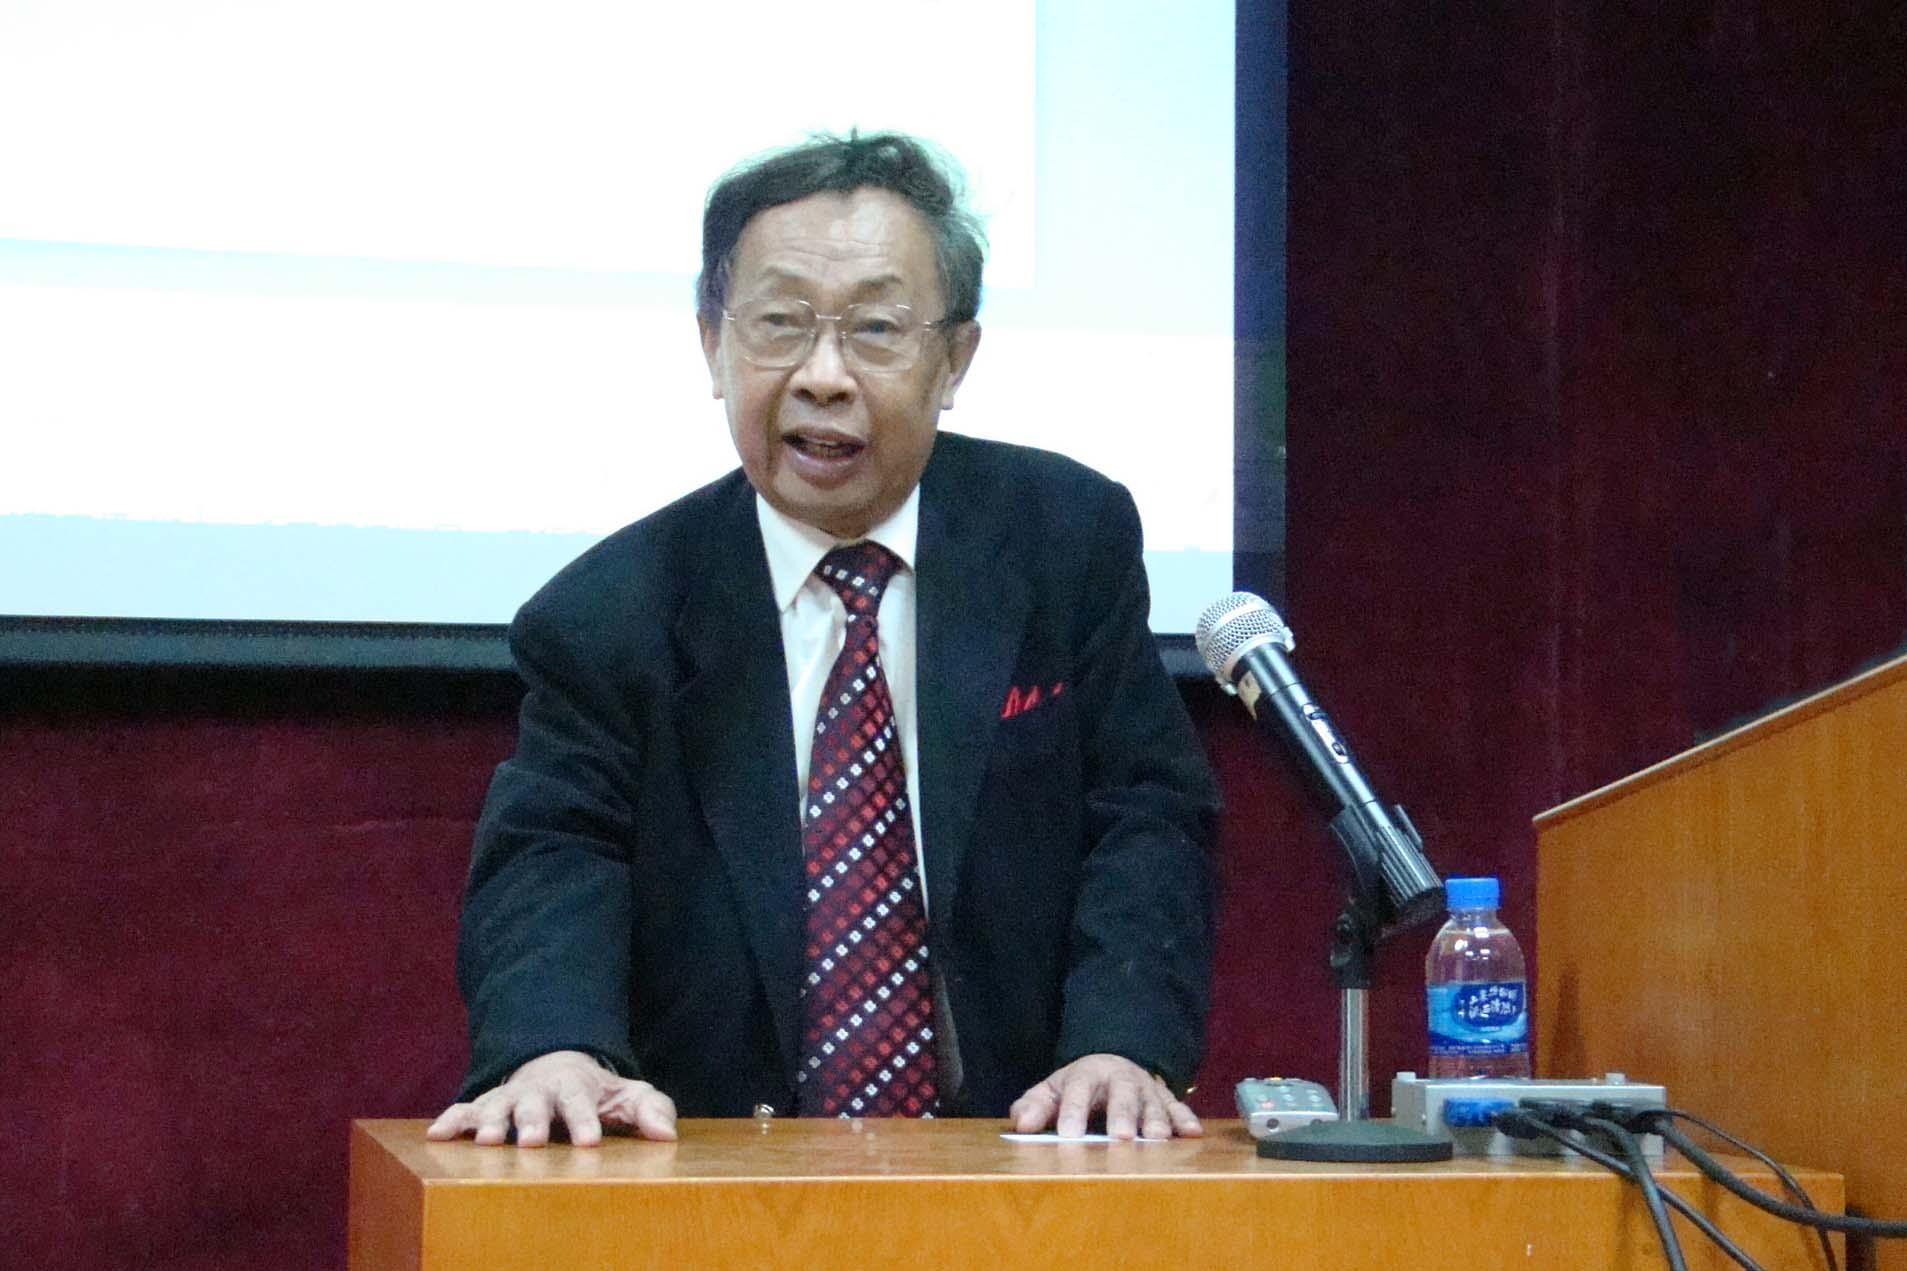 陈清泉:新能源汽车的环保性不容置疑  且意义远